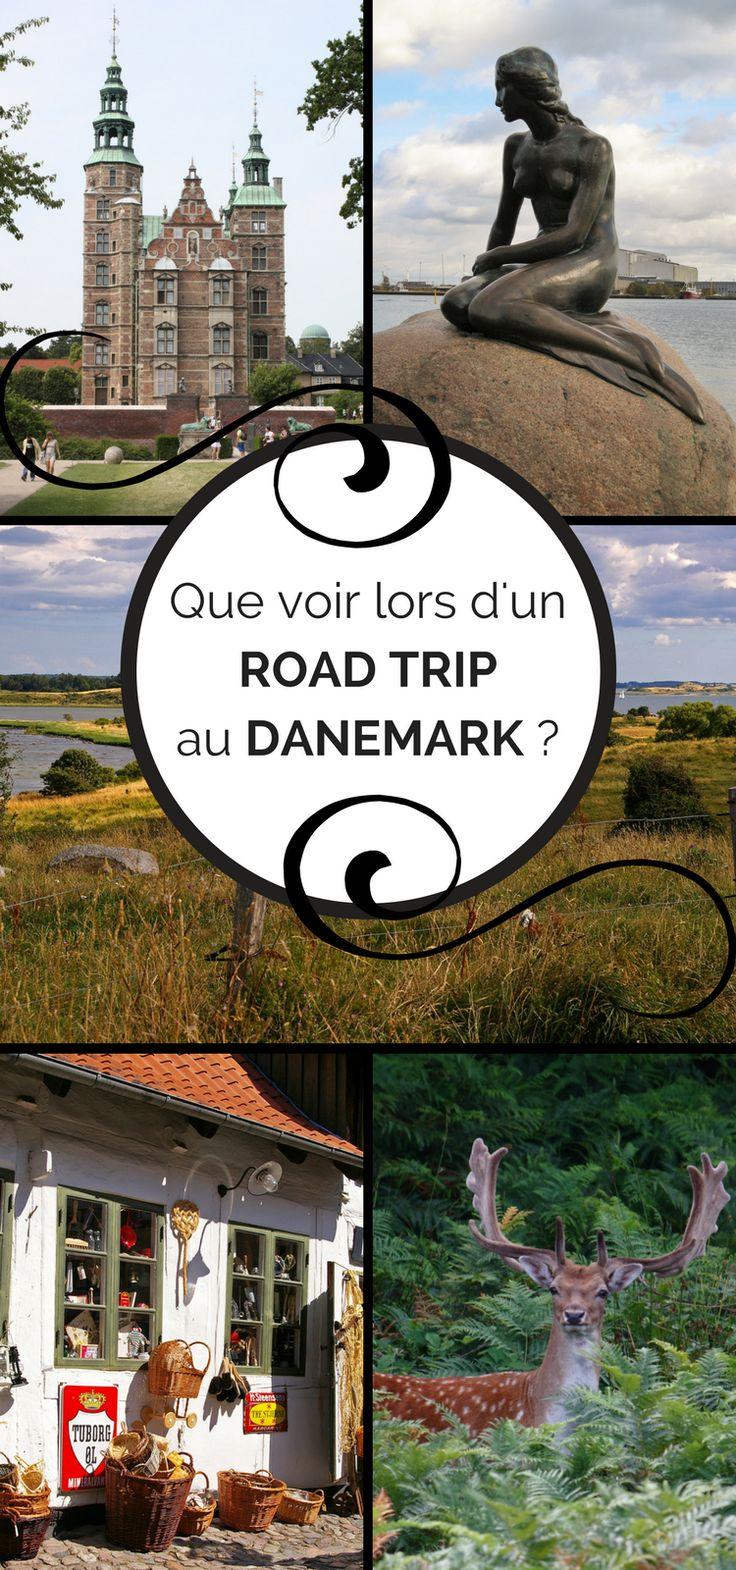 Voici notre TOP 6 des choses à voir au Danemark ! Quelle est votre ville préférée ? #Danemark #Odense #Copenhague #Evasion #Voyage #RoadTrip